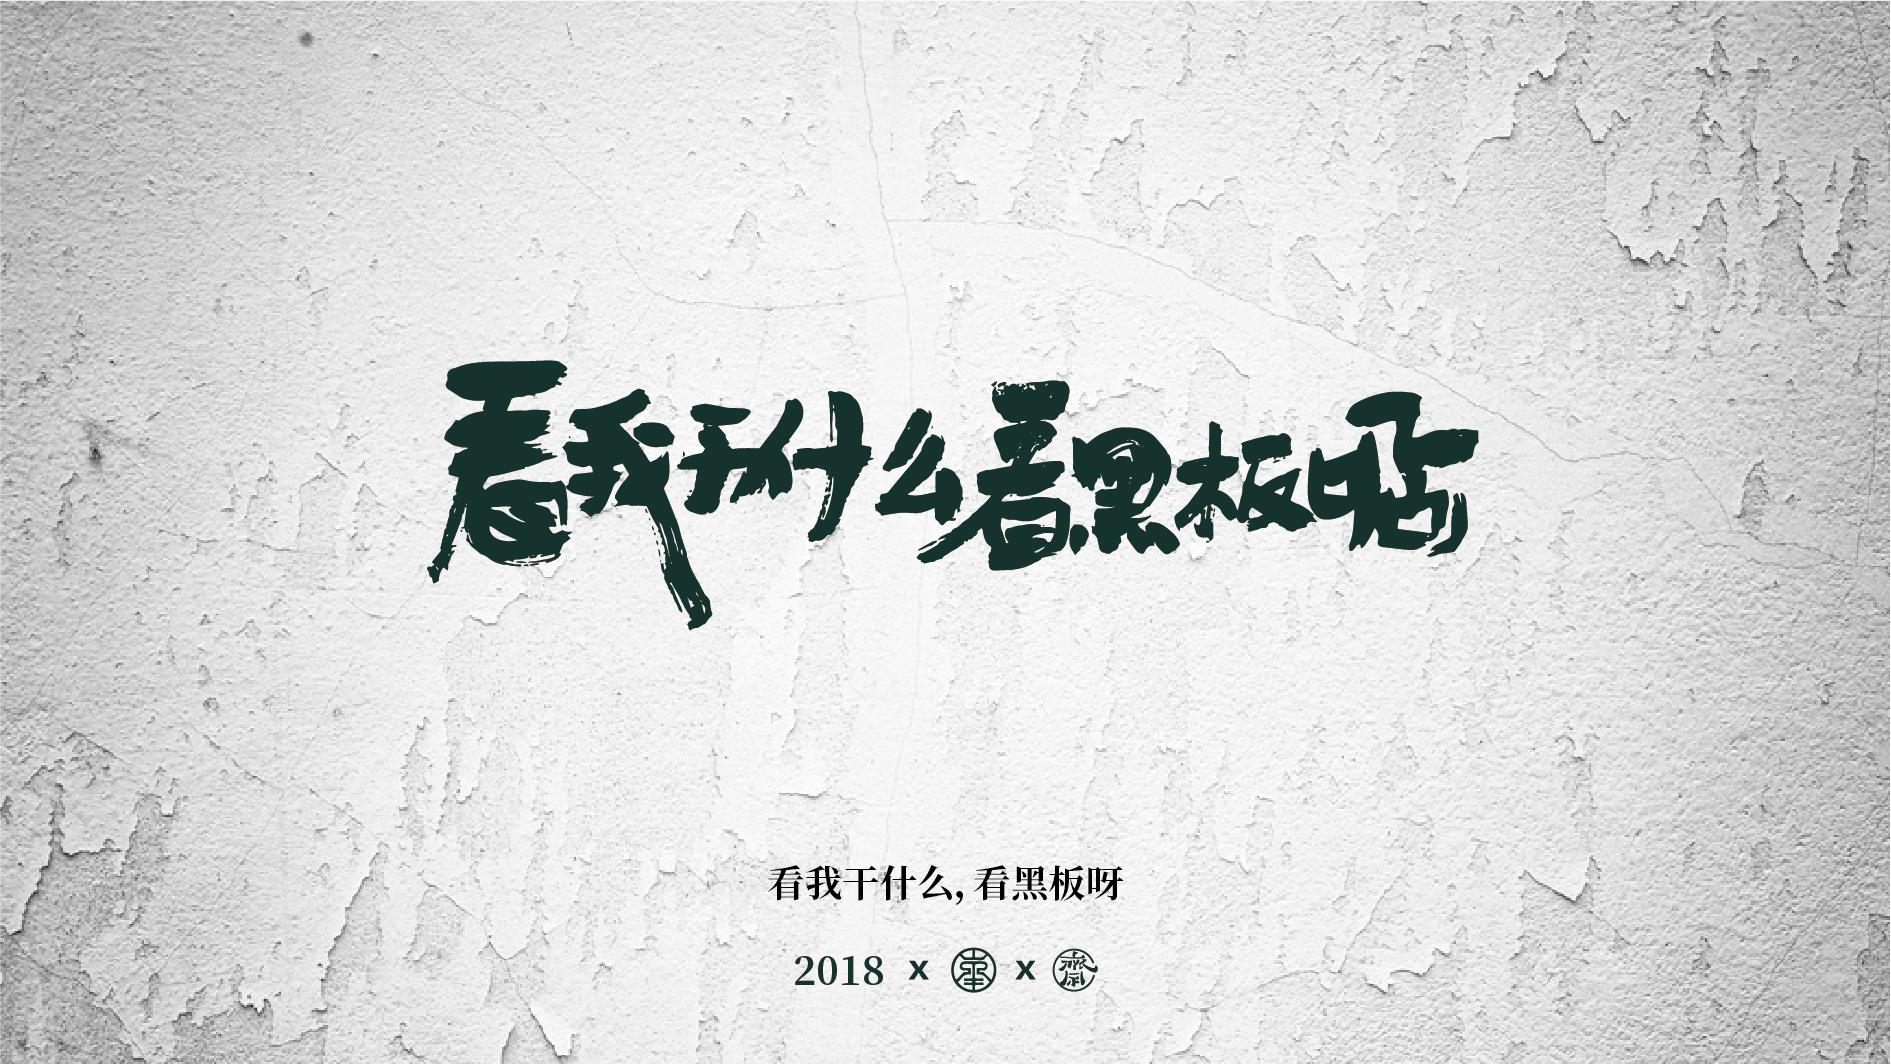 超超大神手写毛笔字第1波 之教师节系列插图(17)